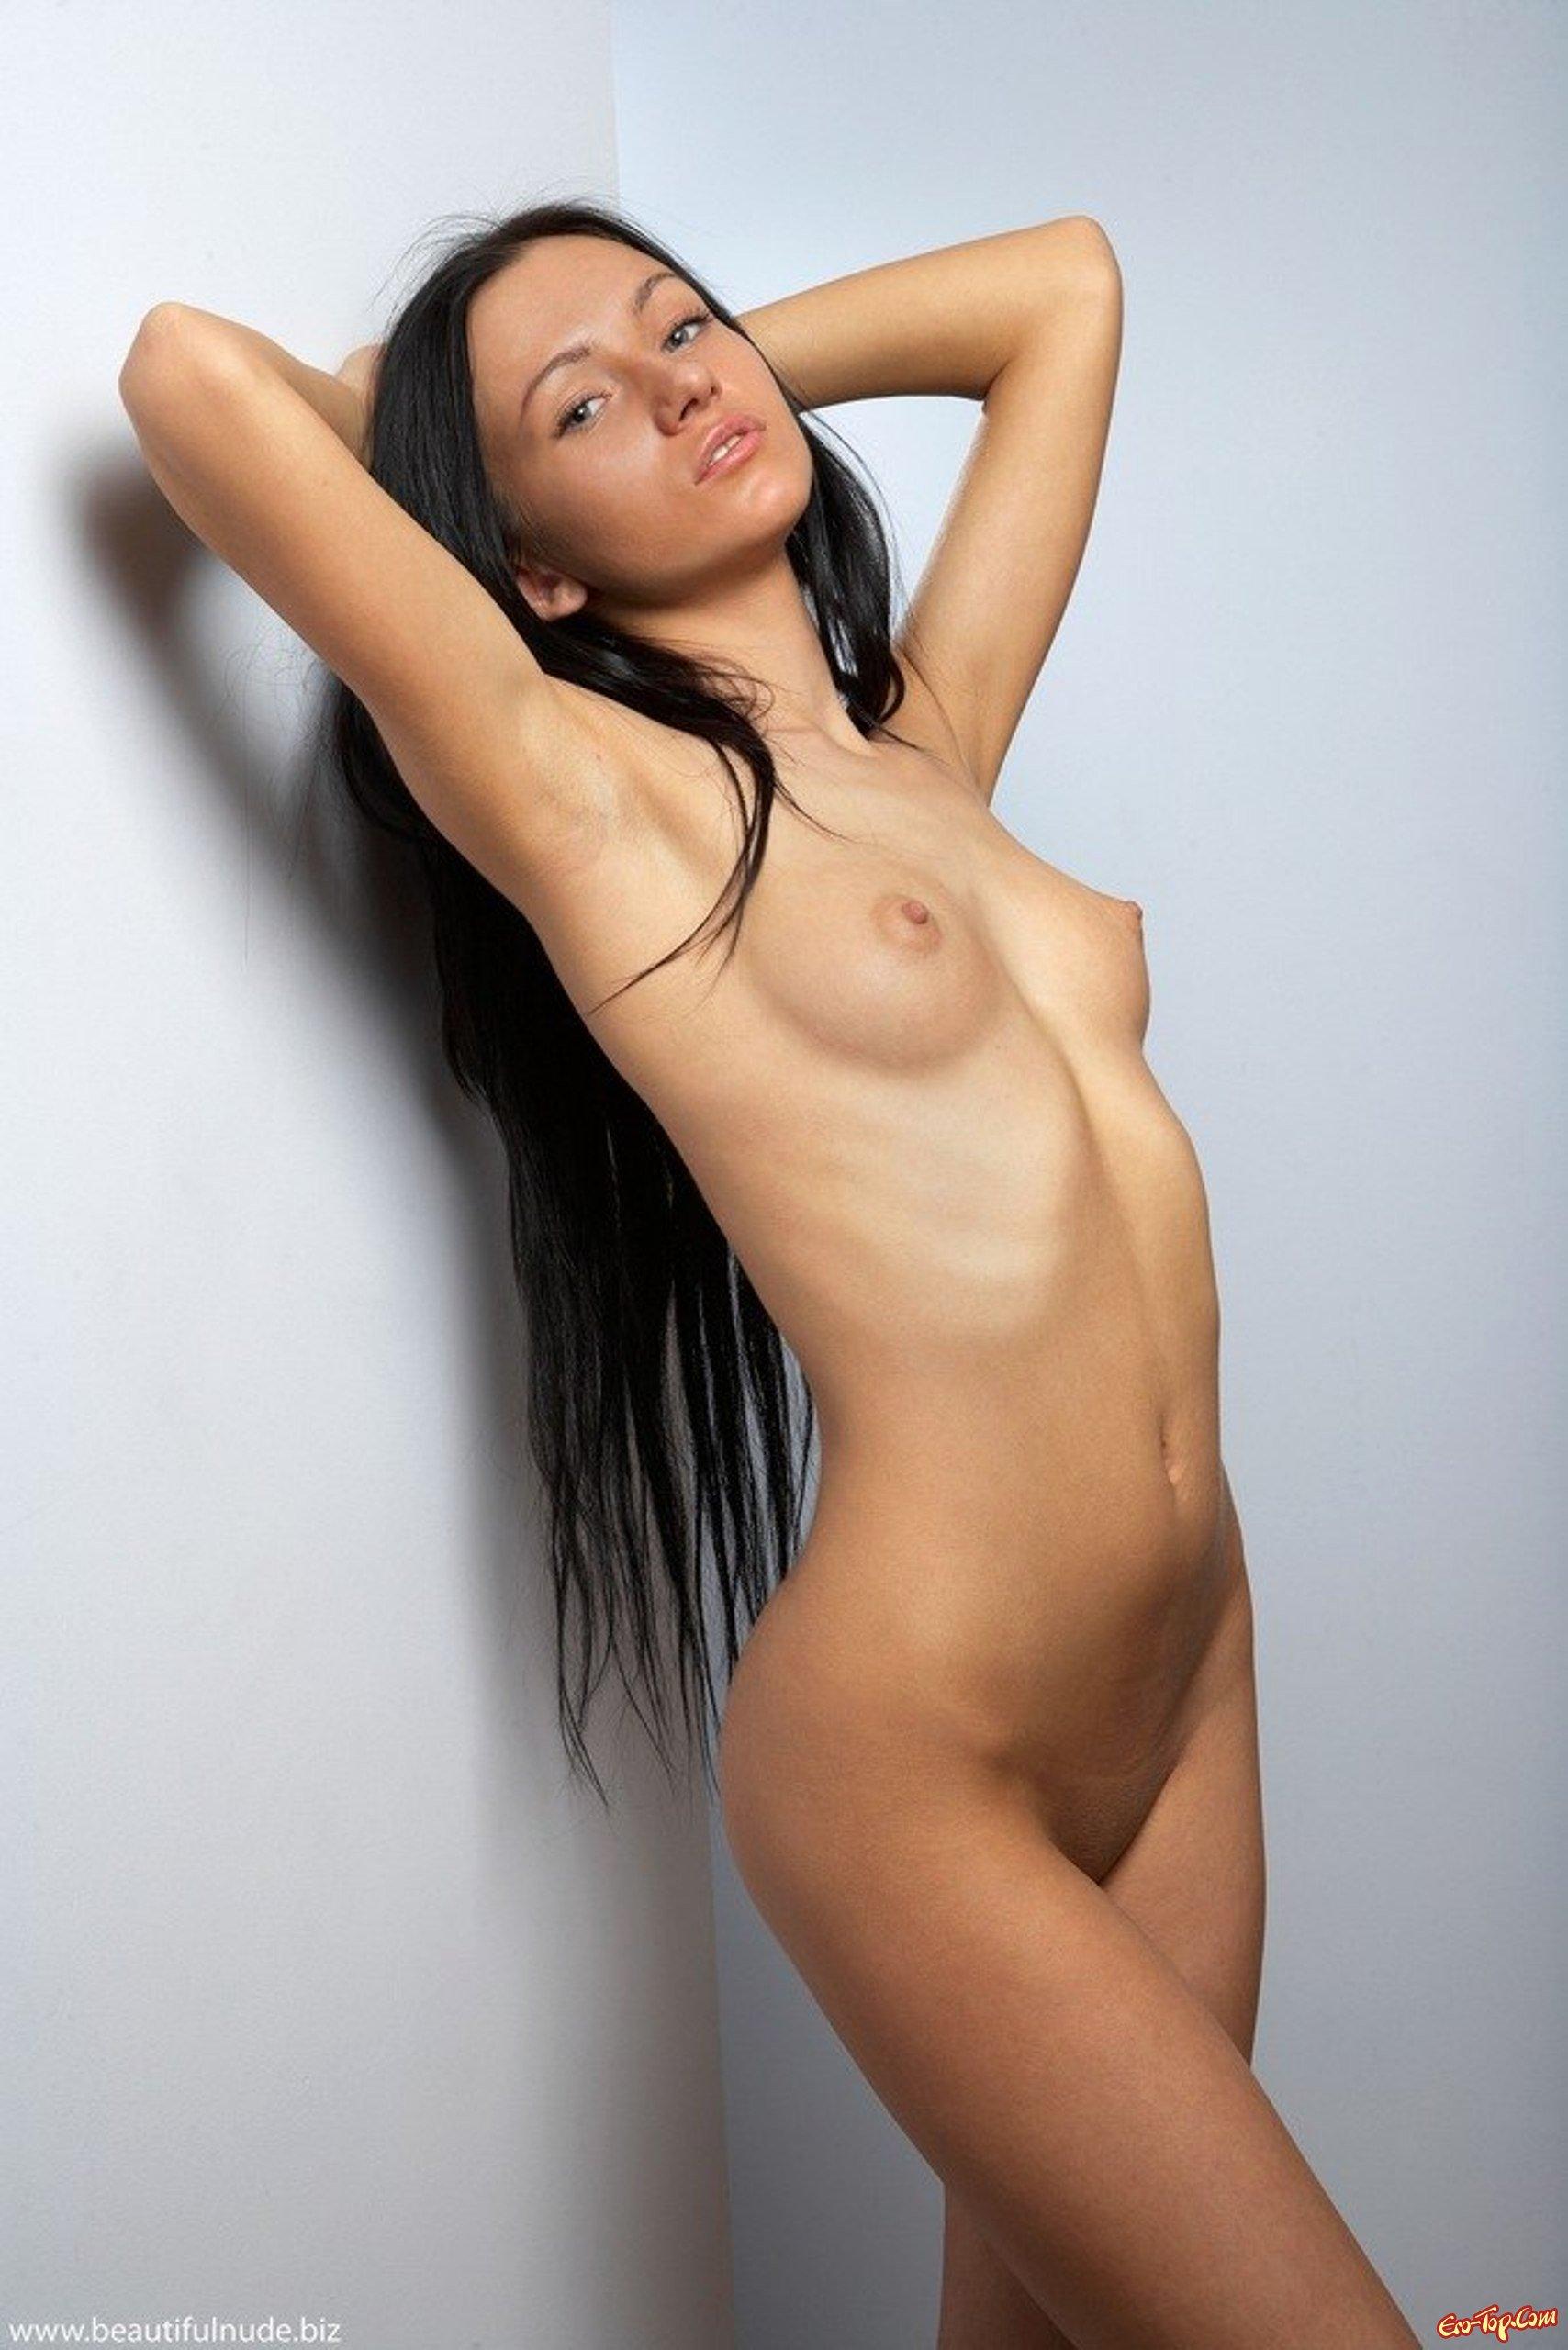 фото-порномодели саша роуз дамы